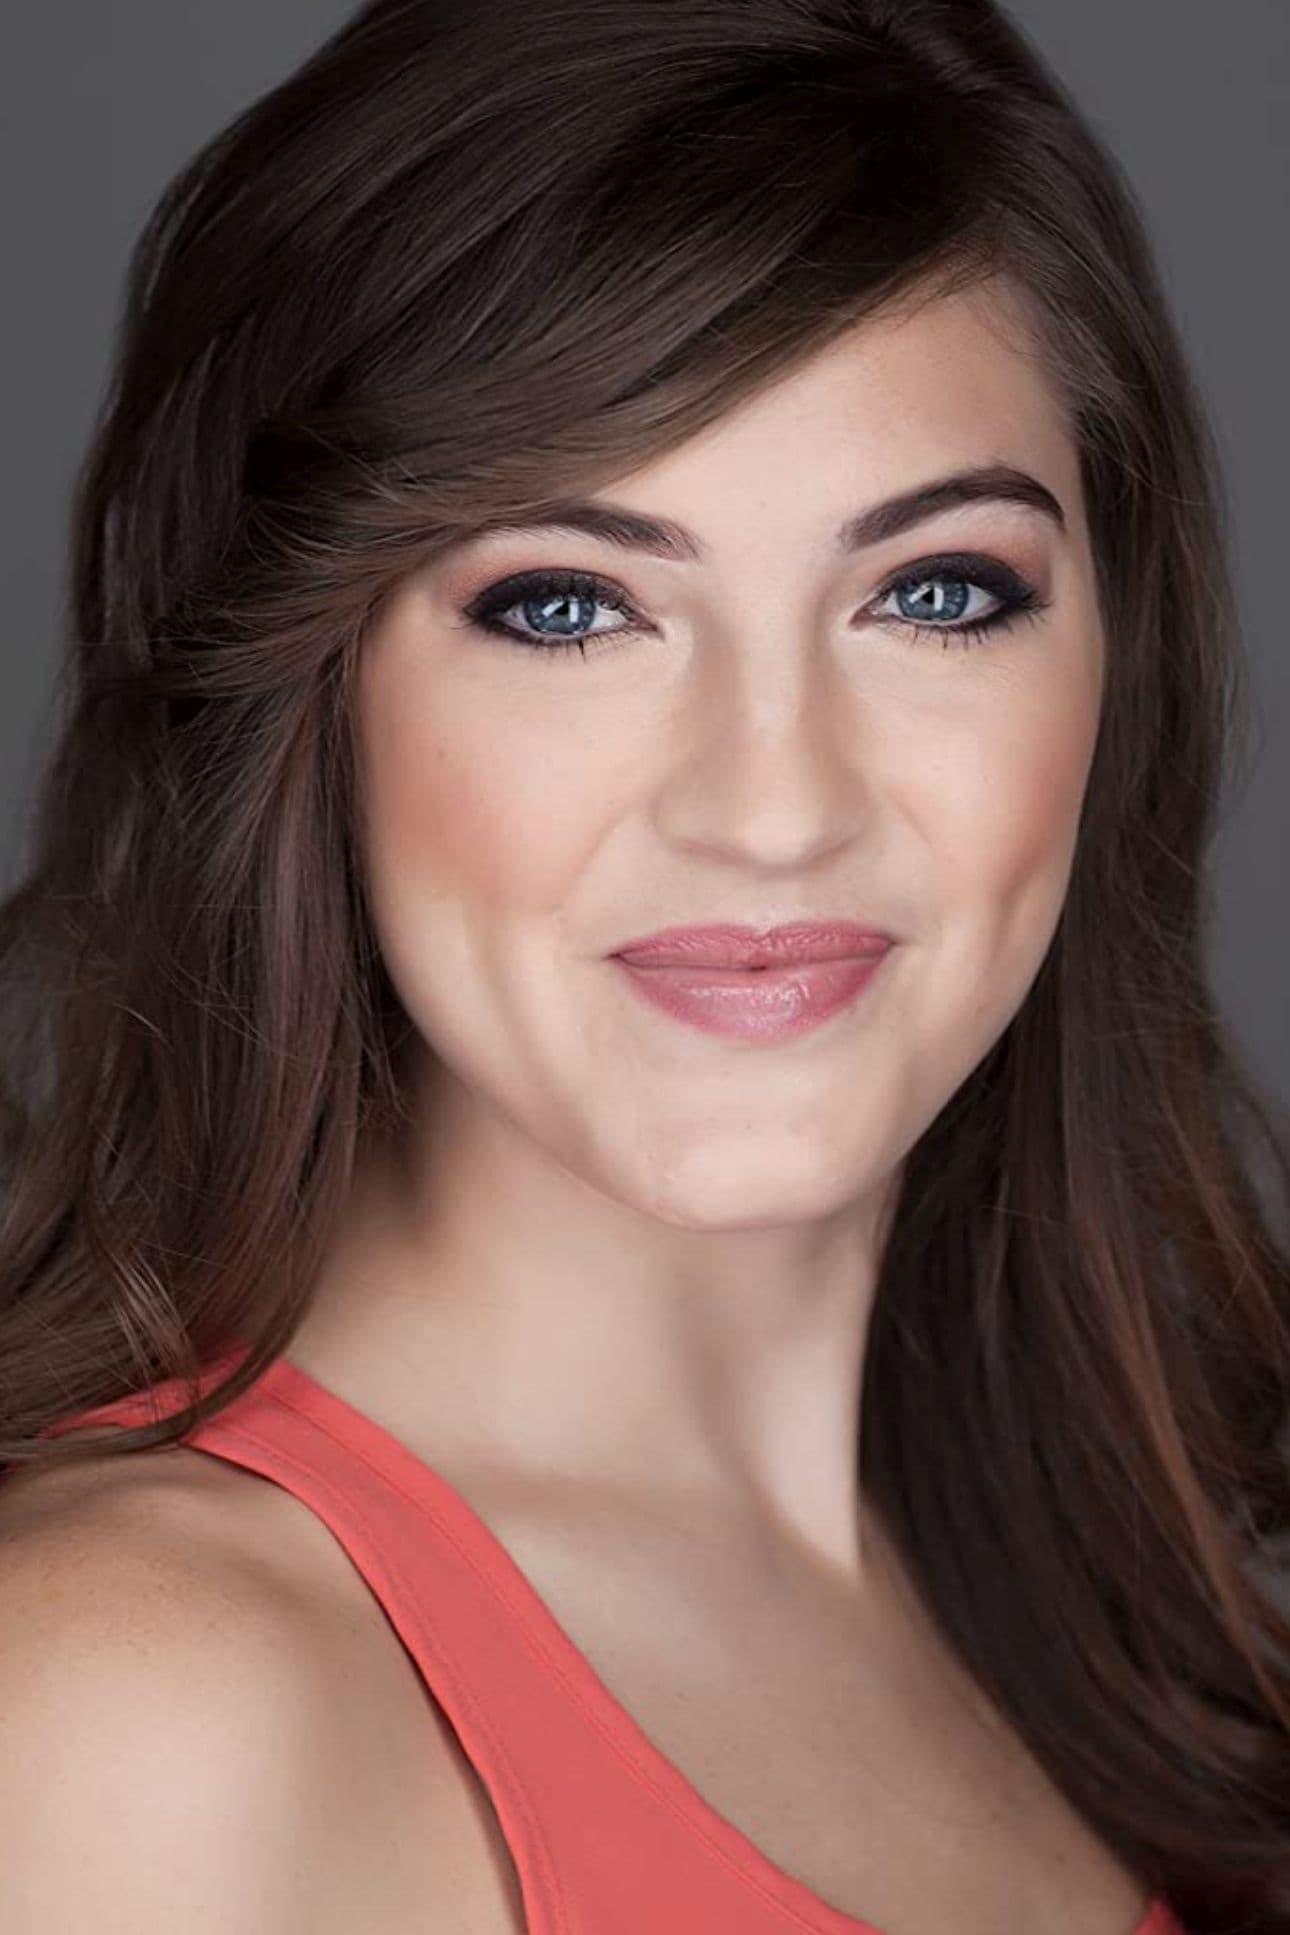 Sarah Irwin